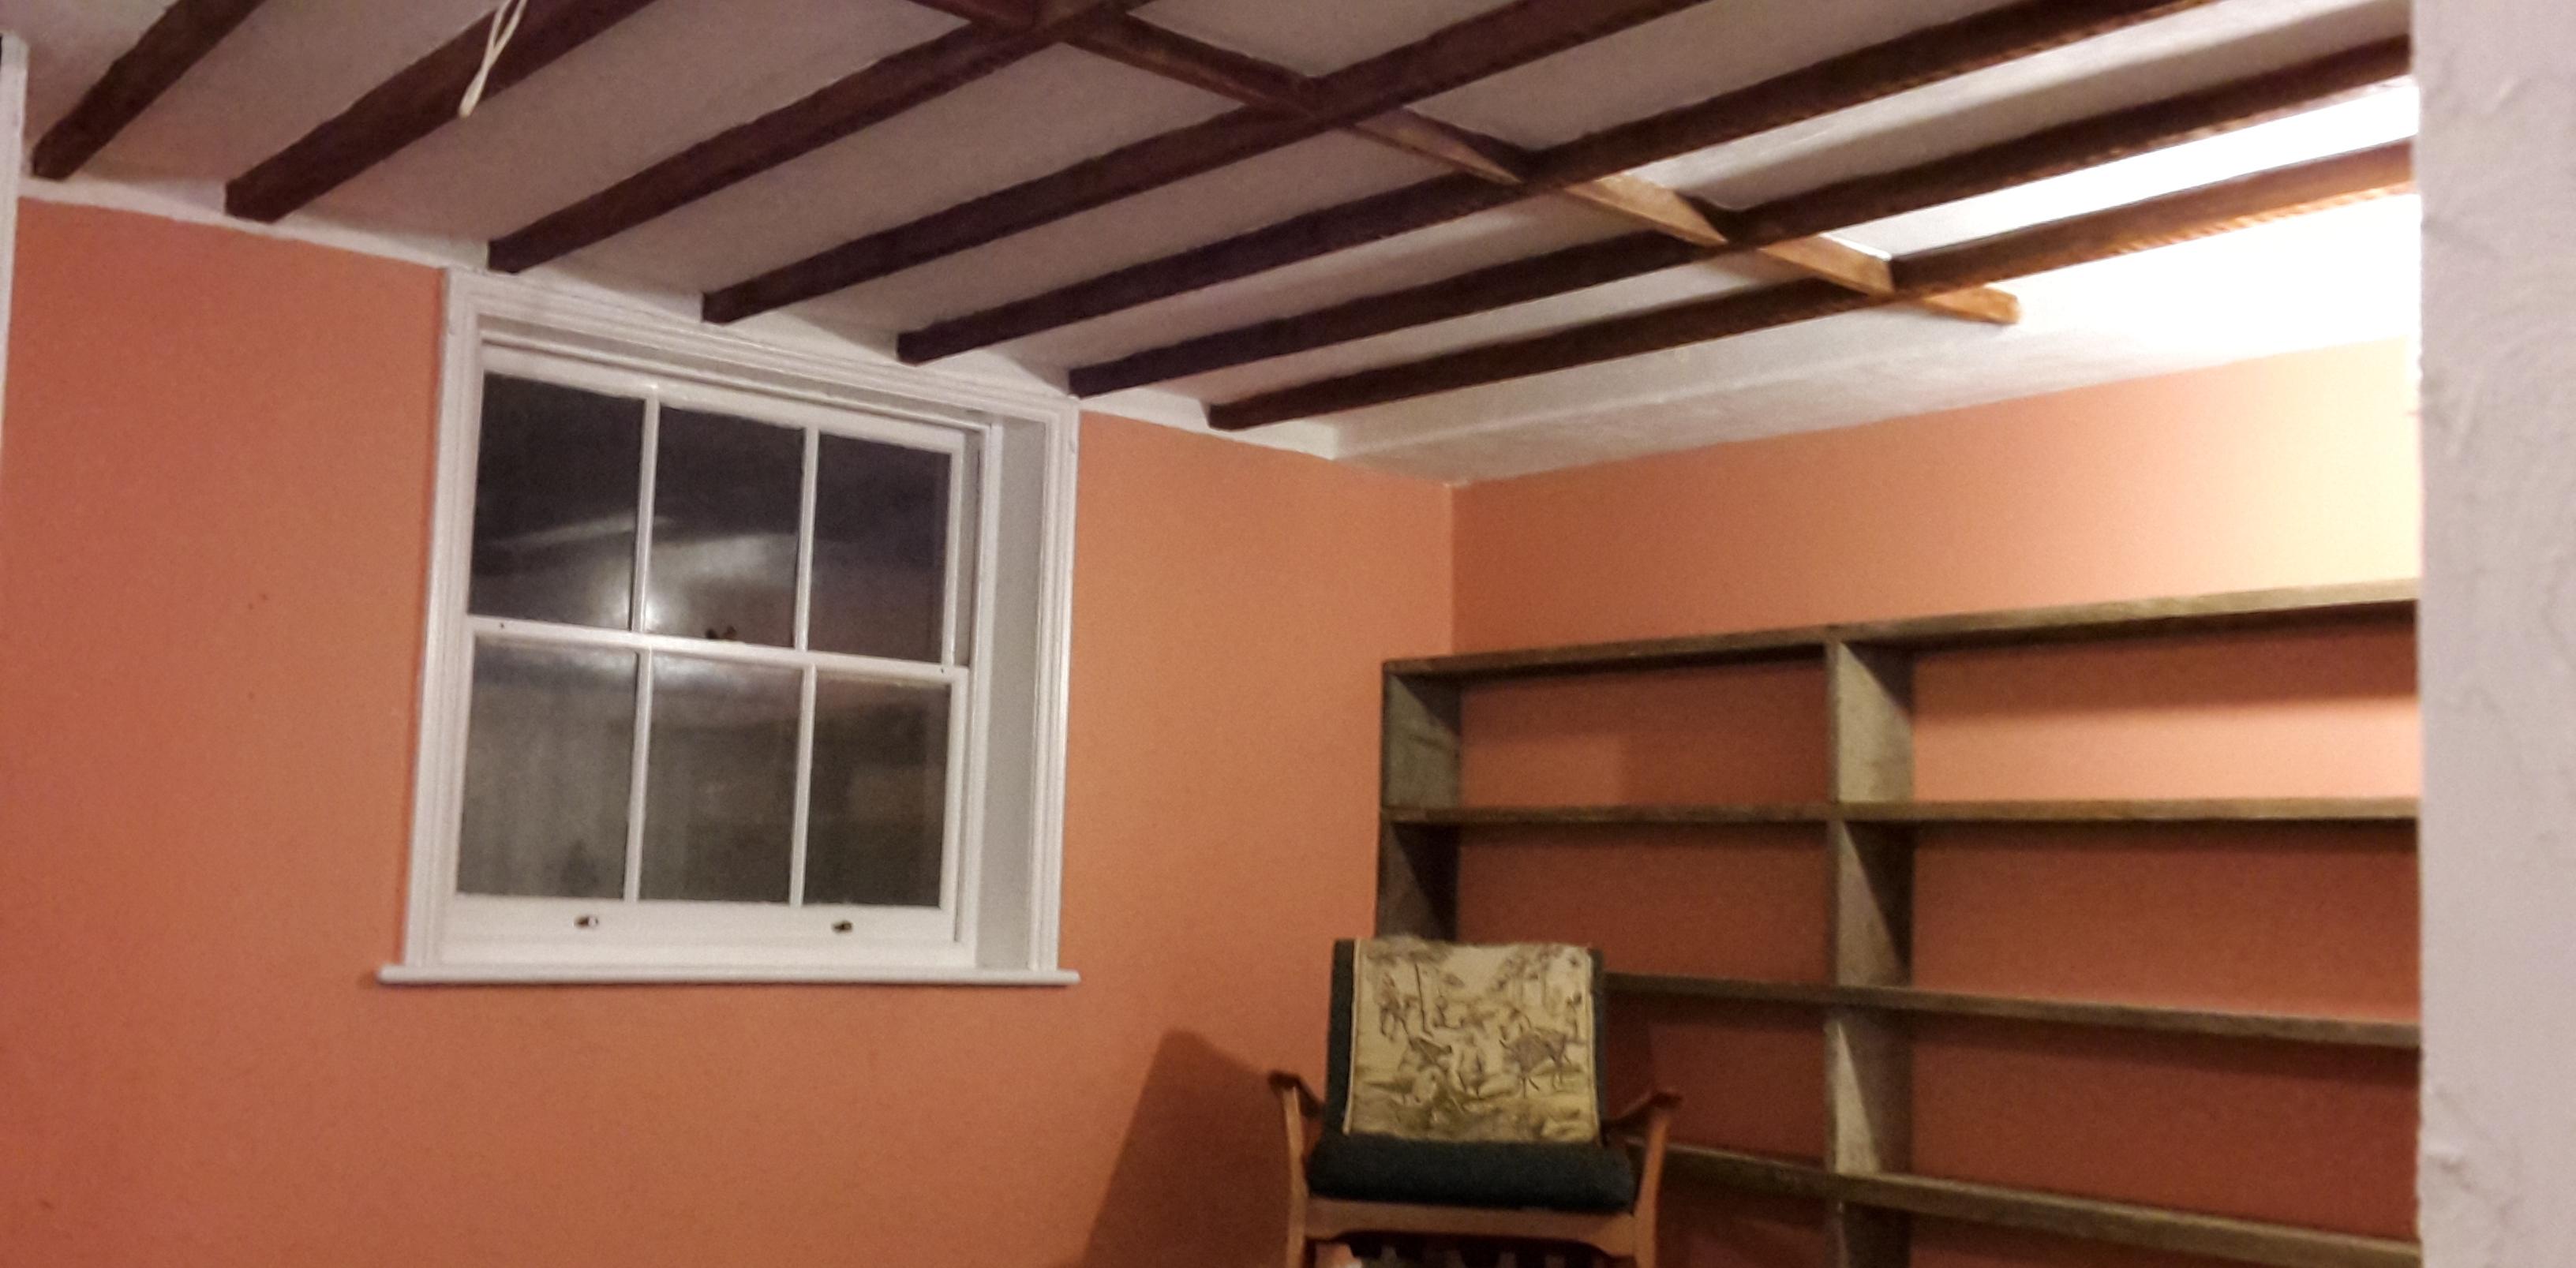 Exposed Beam Ceiling